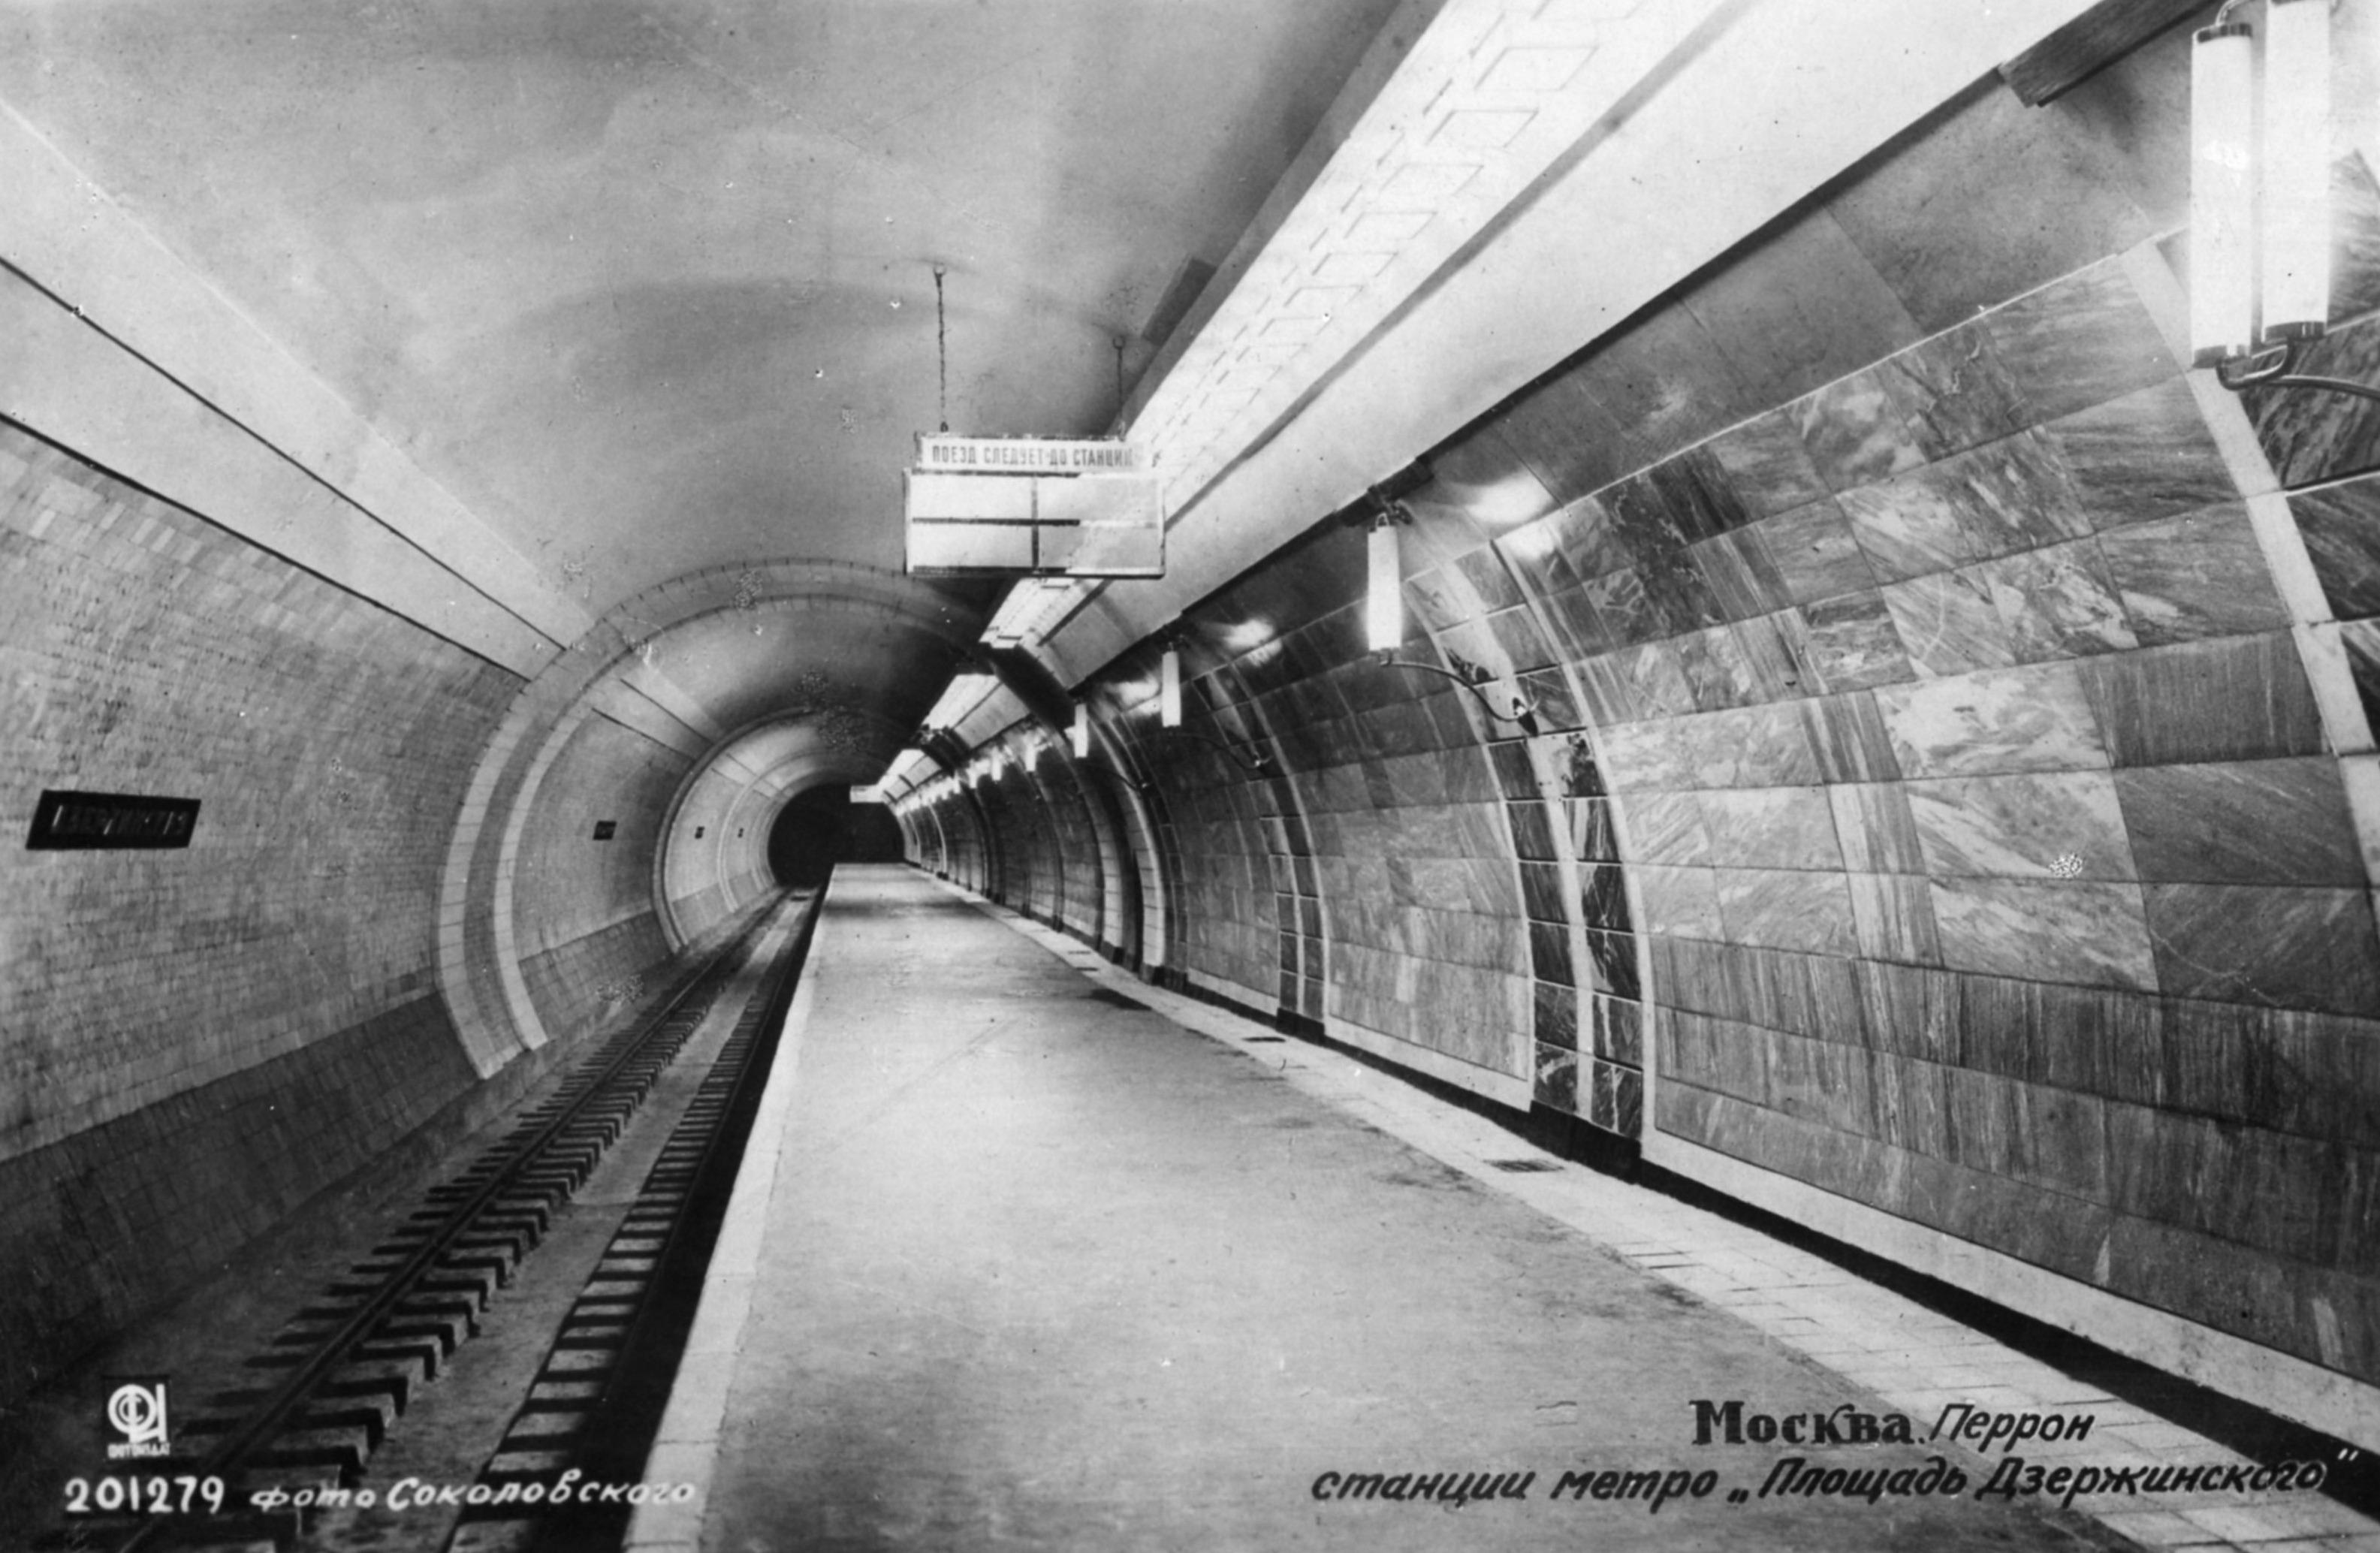 На станции Лубянка отсутствовал центральный зал между путями и станция представляла из себя просто два отдельных зала...